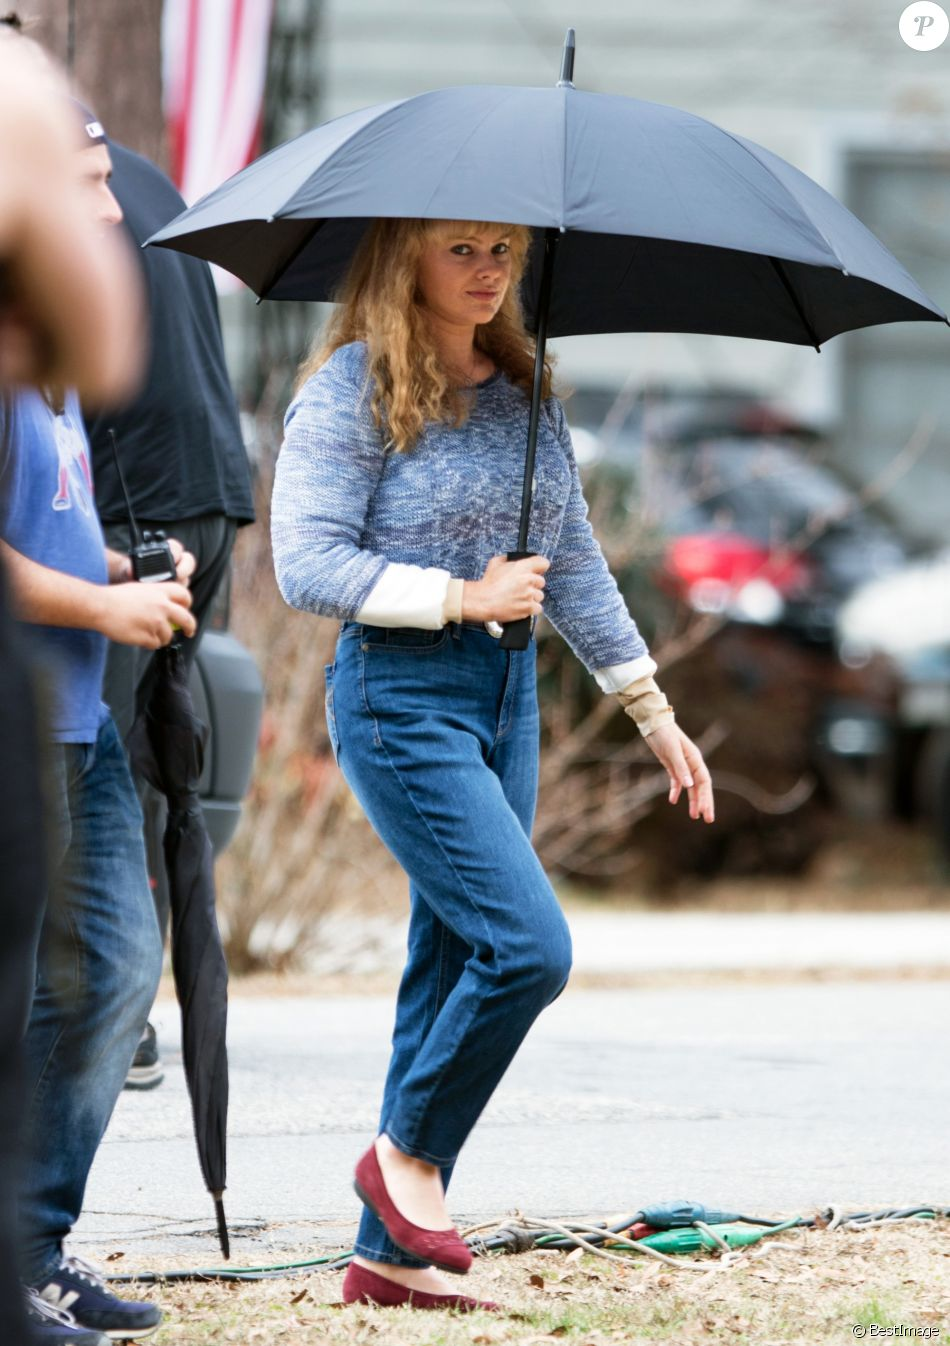 Exclusif - Margot Robbie sur le tournage du film 'I,Tonya' à Atlanta en Georgie. Le film est un biopic sur la sulfureuse patineuse américaine Tonya Harding. Le 16 janvier 2017